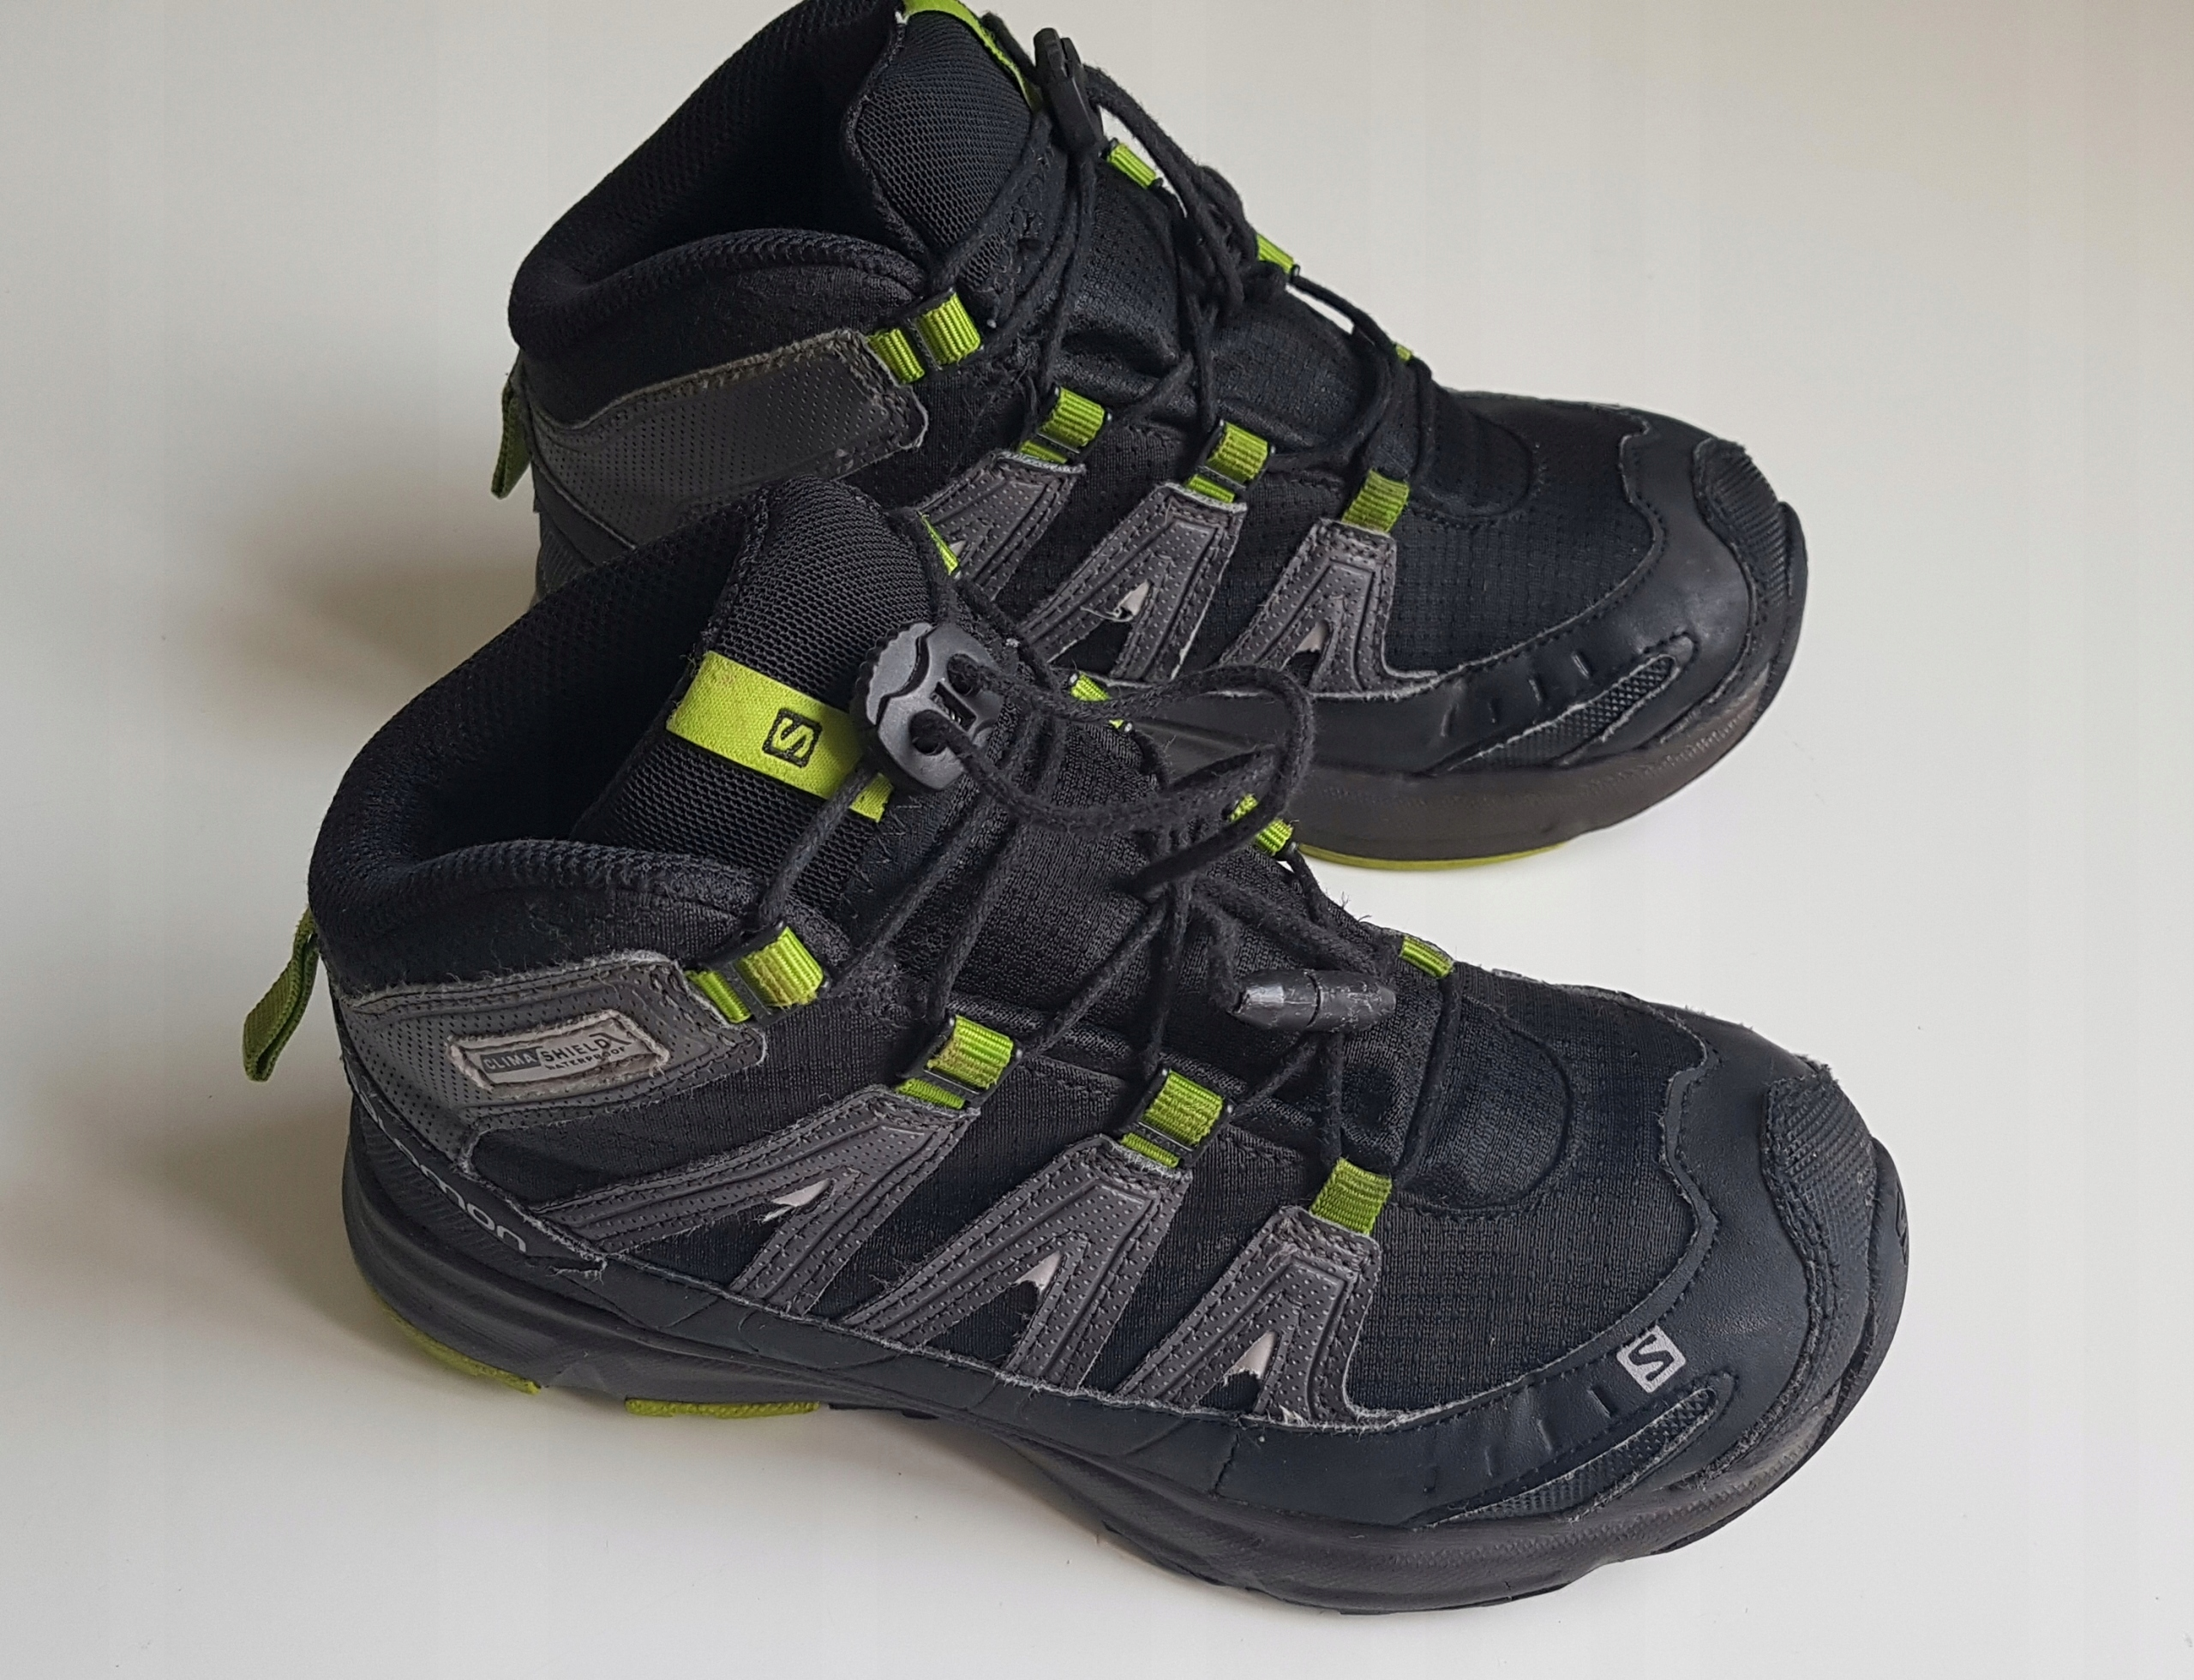 Salomon buty adidasy na jesień stan bardzo dobry r. 31